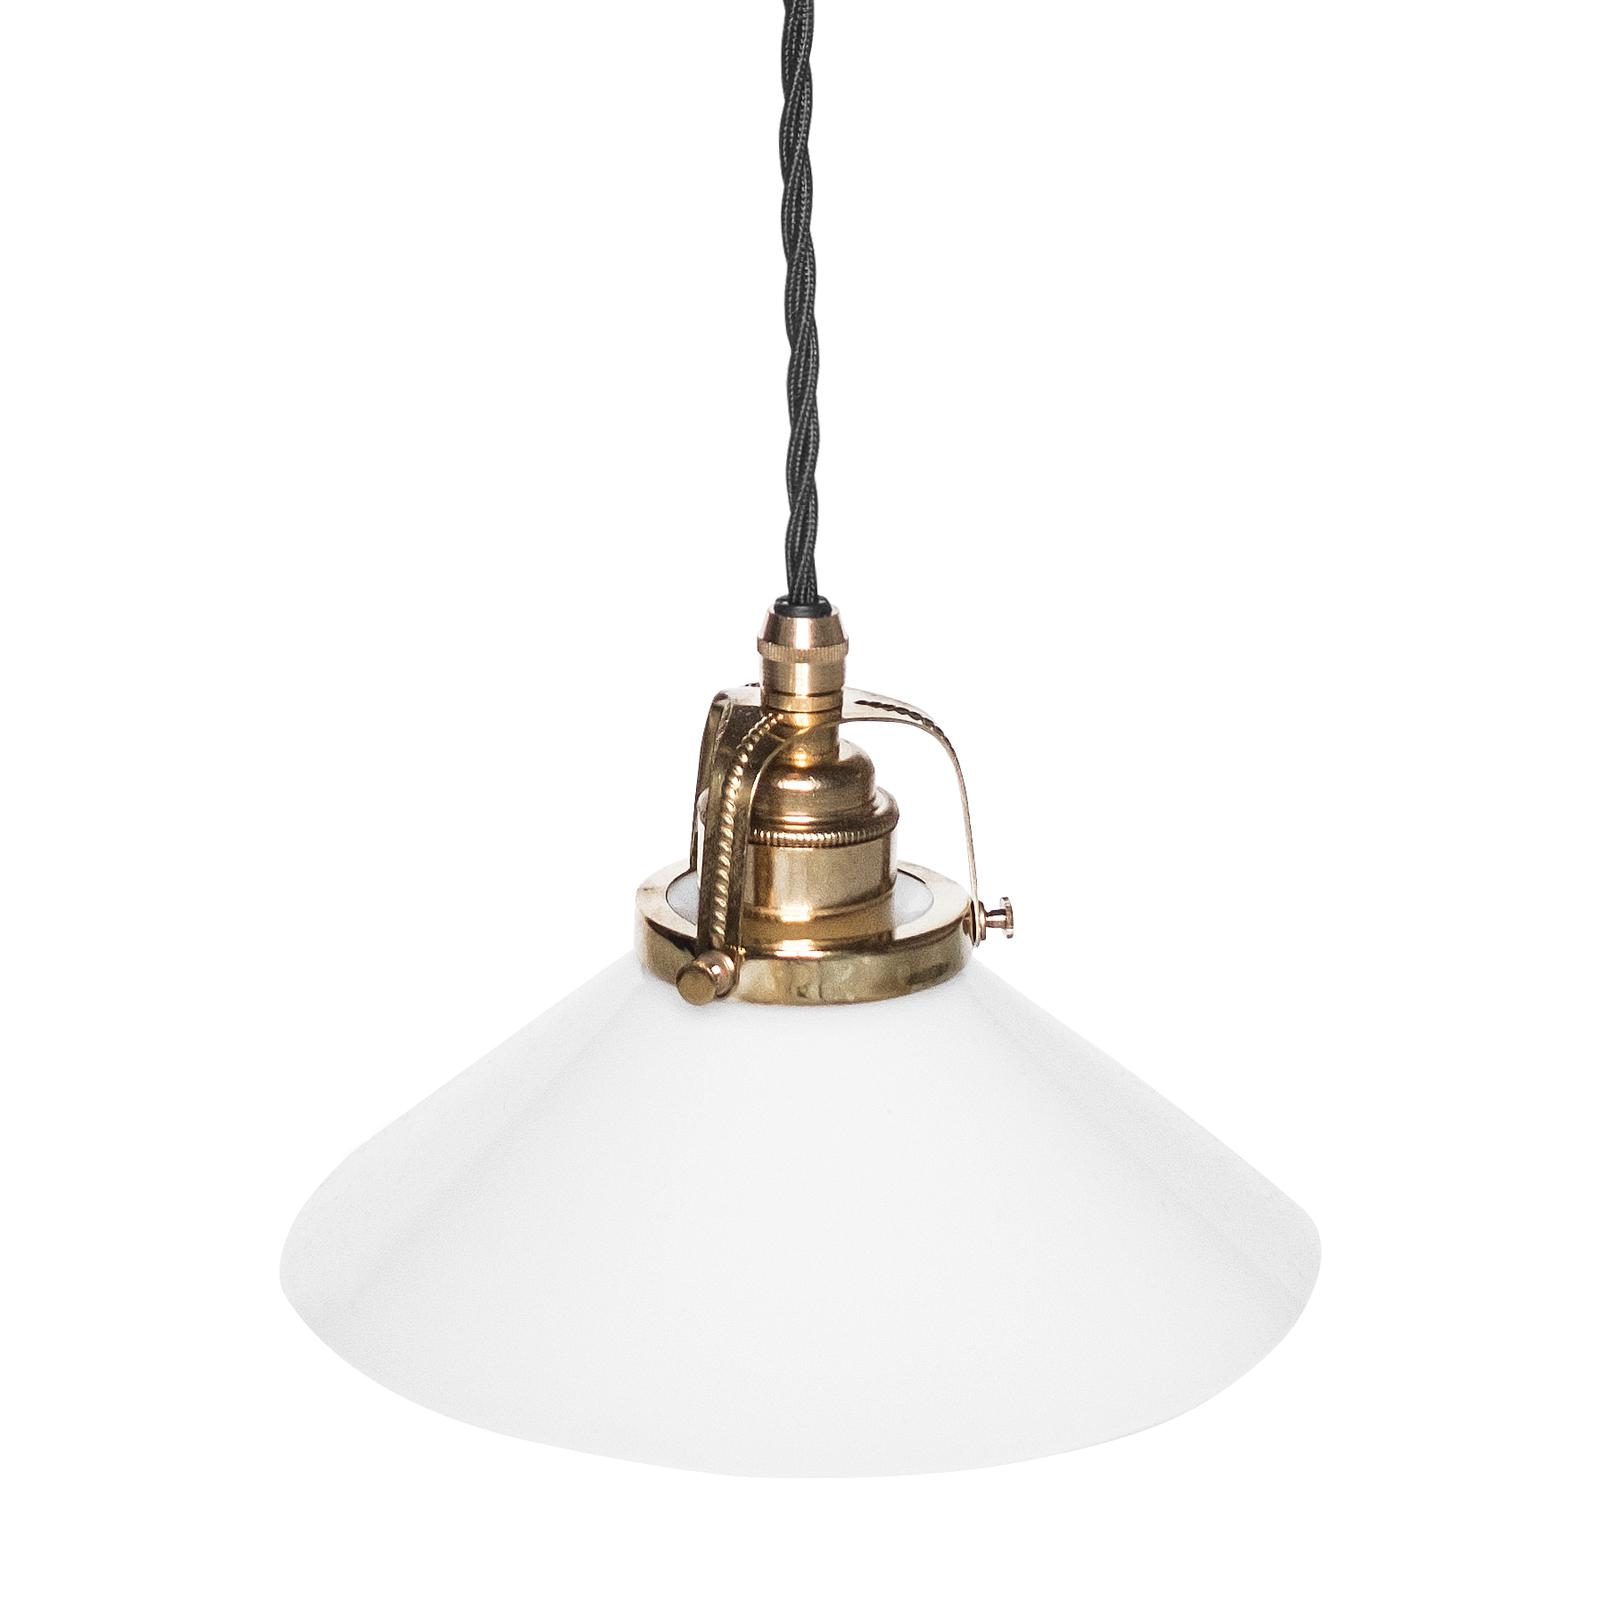 Skomakerlampe hvit 25 cm, sort kabel